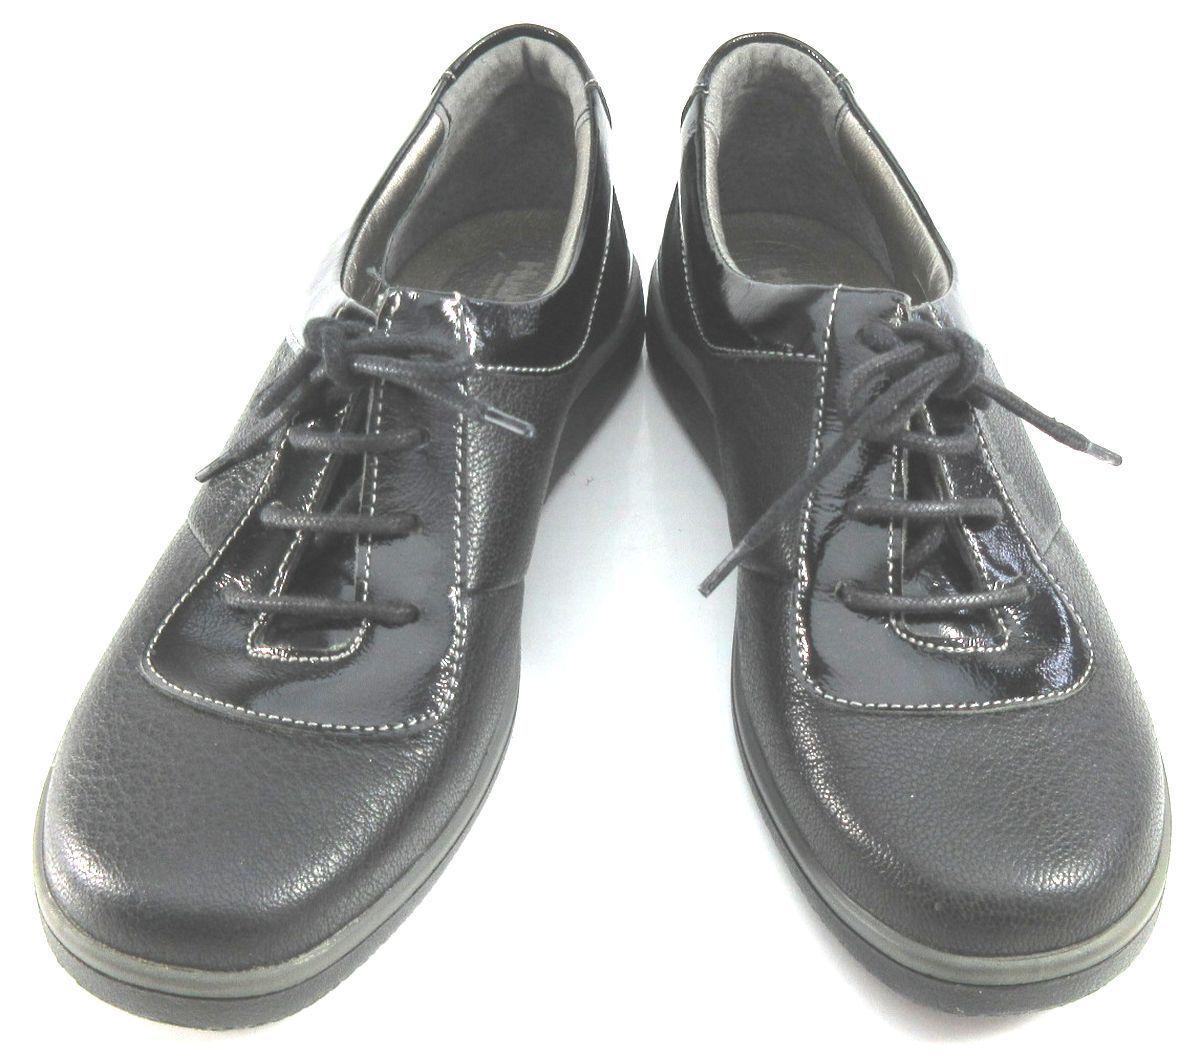 レディース左右サイズ違い靴 本革レースアップスニーカー ハッシュパピー Hush Puppies 婦人靴 左35/22.5cm右36/23cm 黒 U2172_画像3